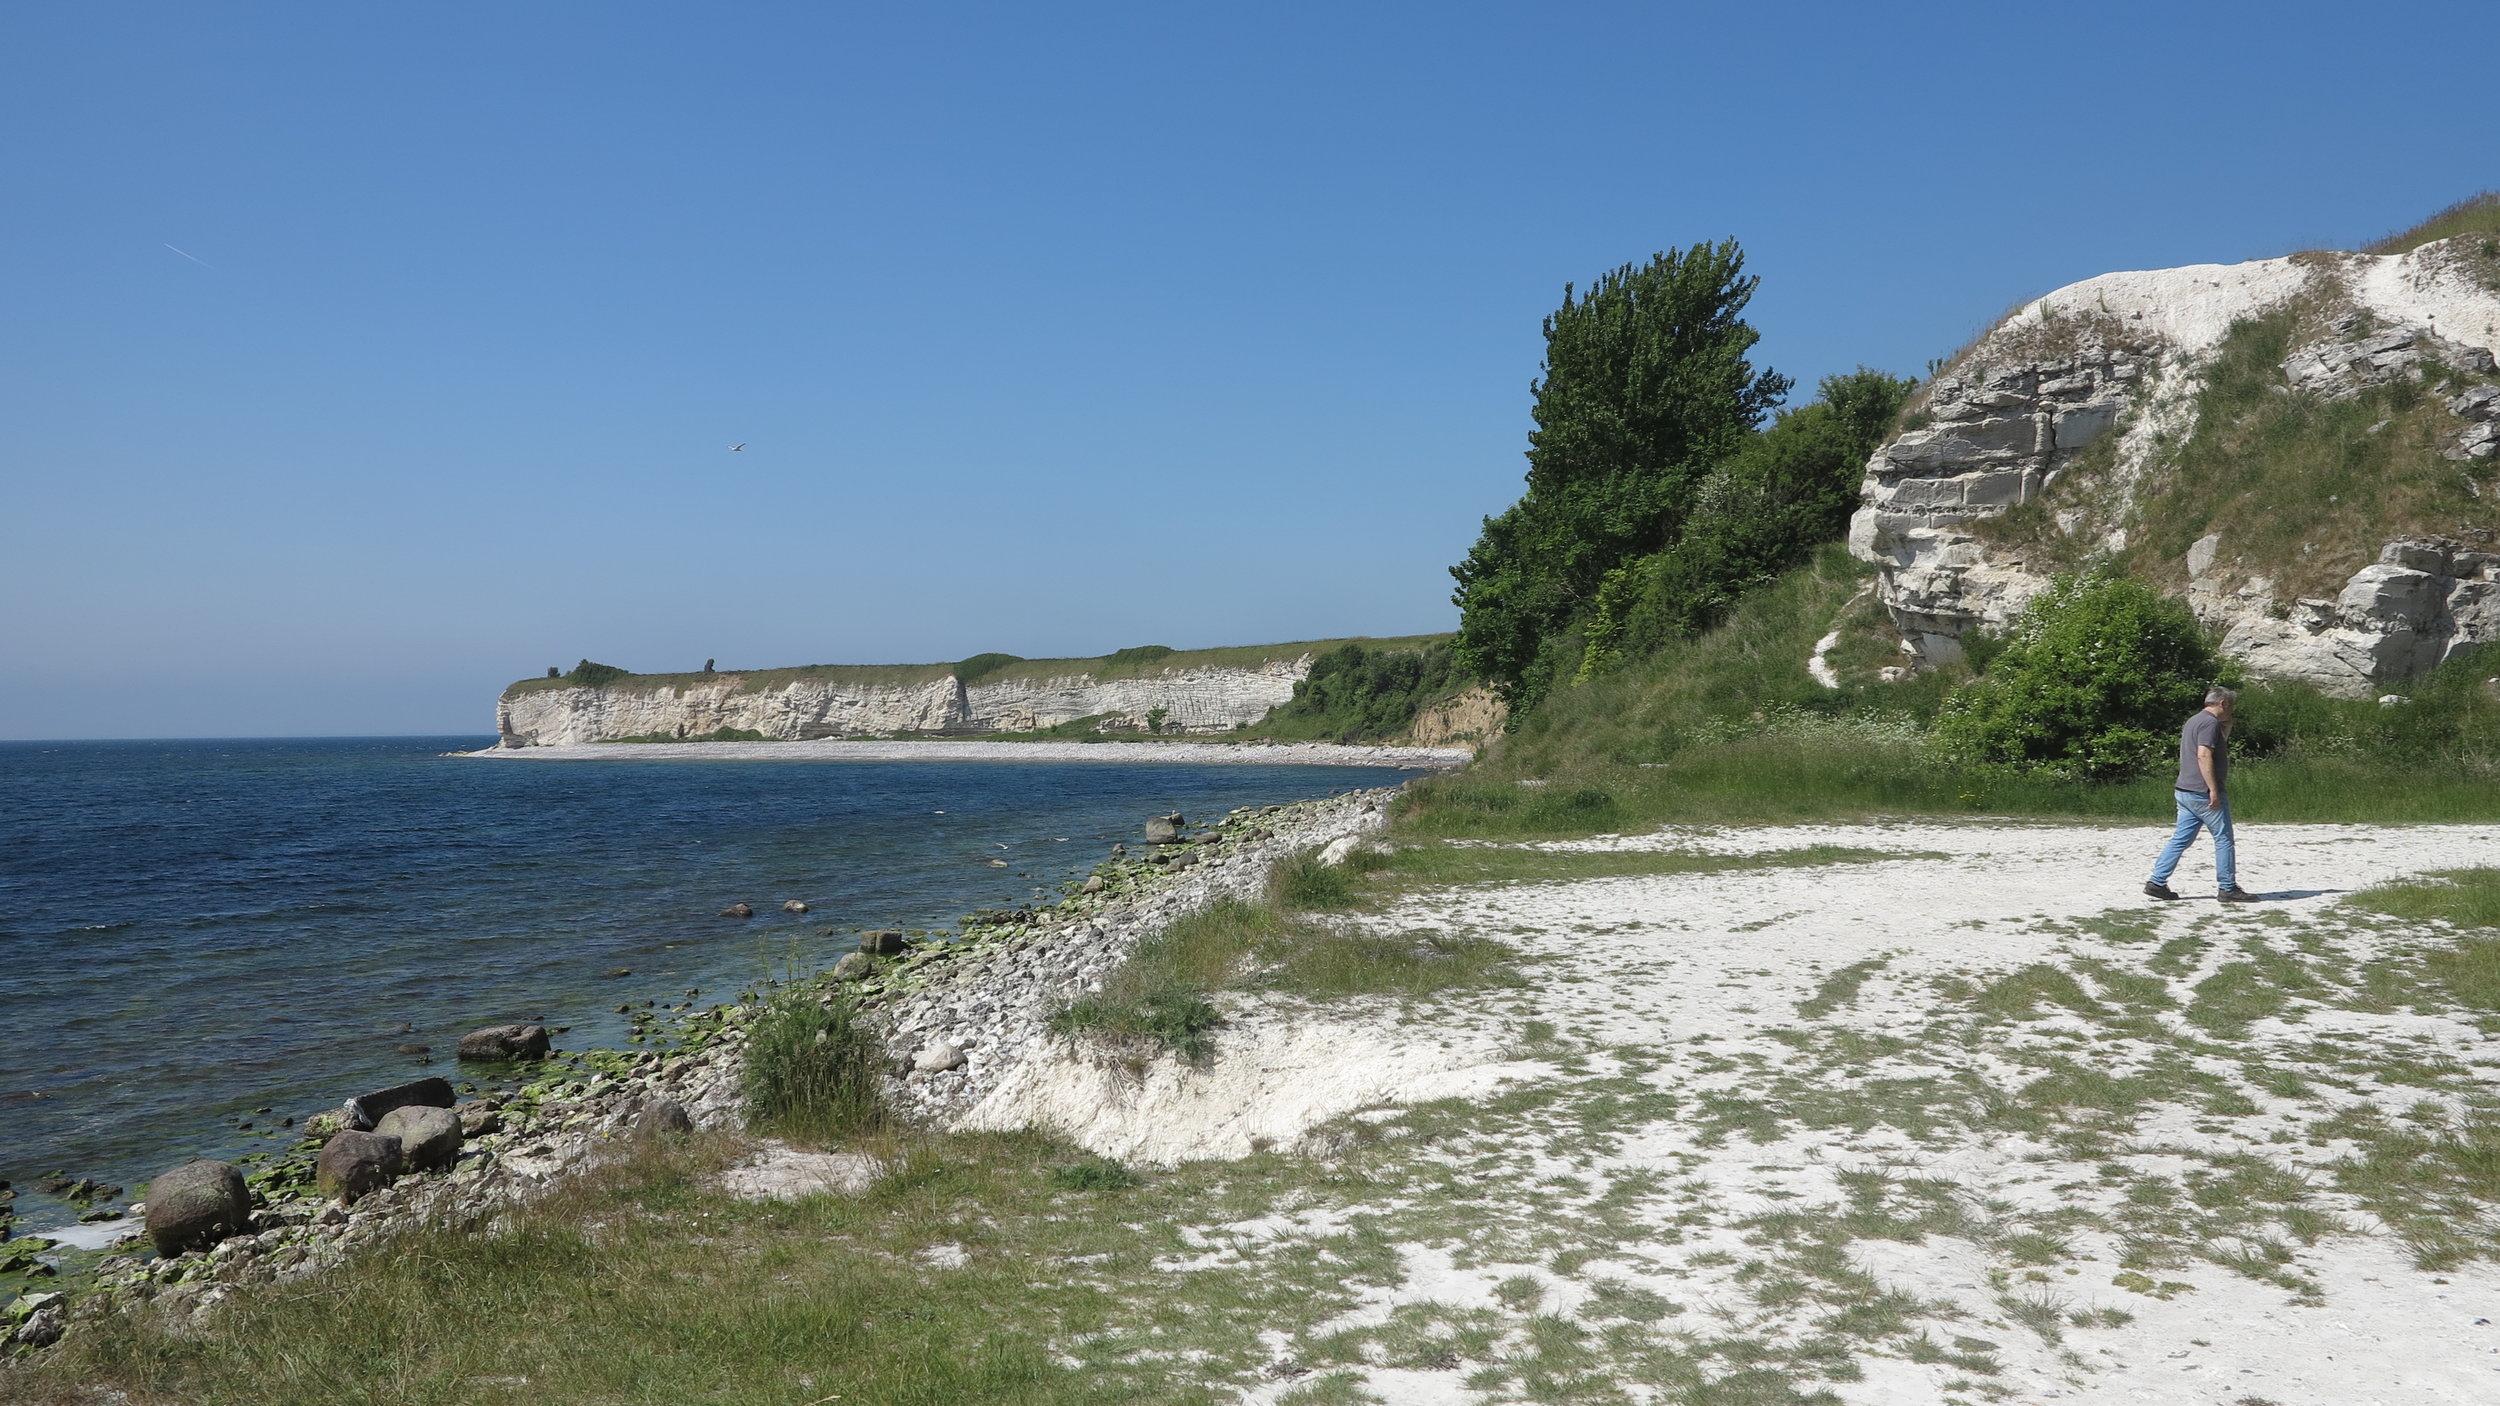 15 Kilometer lang ist der schroffe Küstenabschnitt von Stevns Klint, der von einem Wanderweg mit herrlichen Aussichts- und Infopunkten gesäumt wird